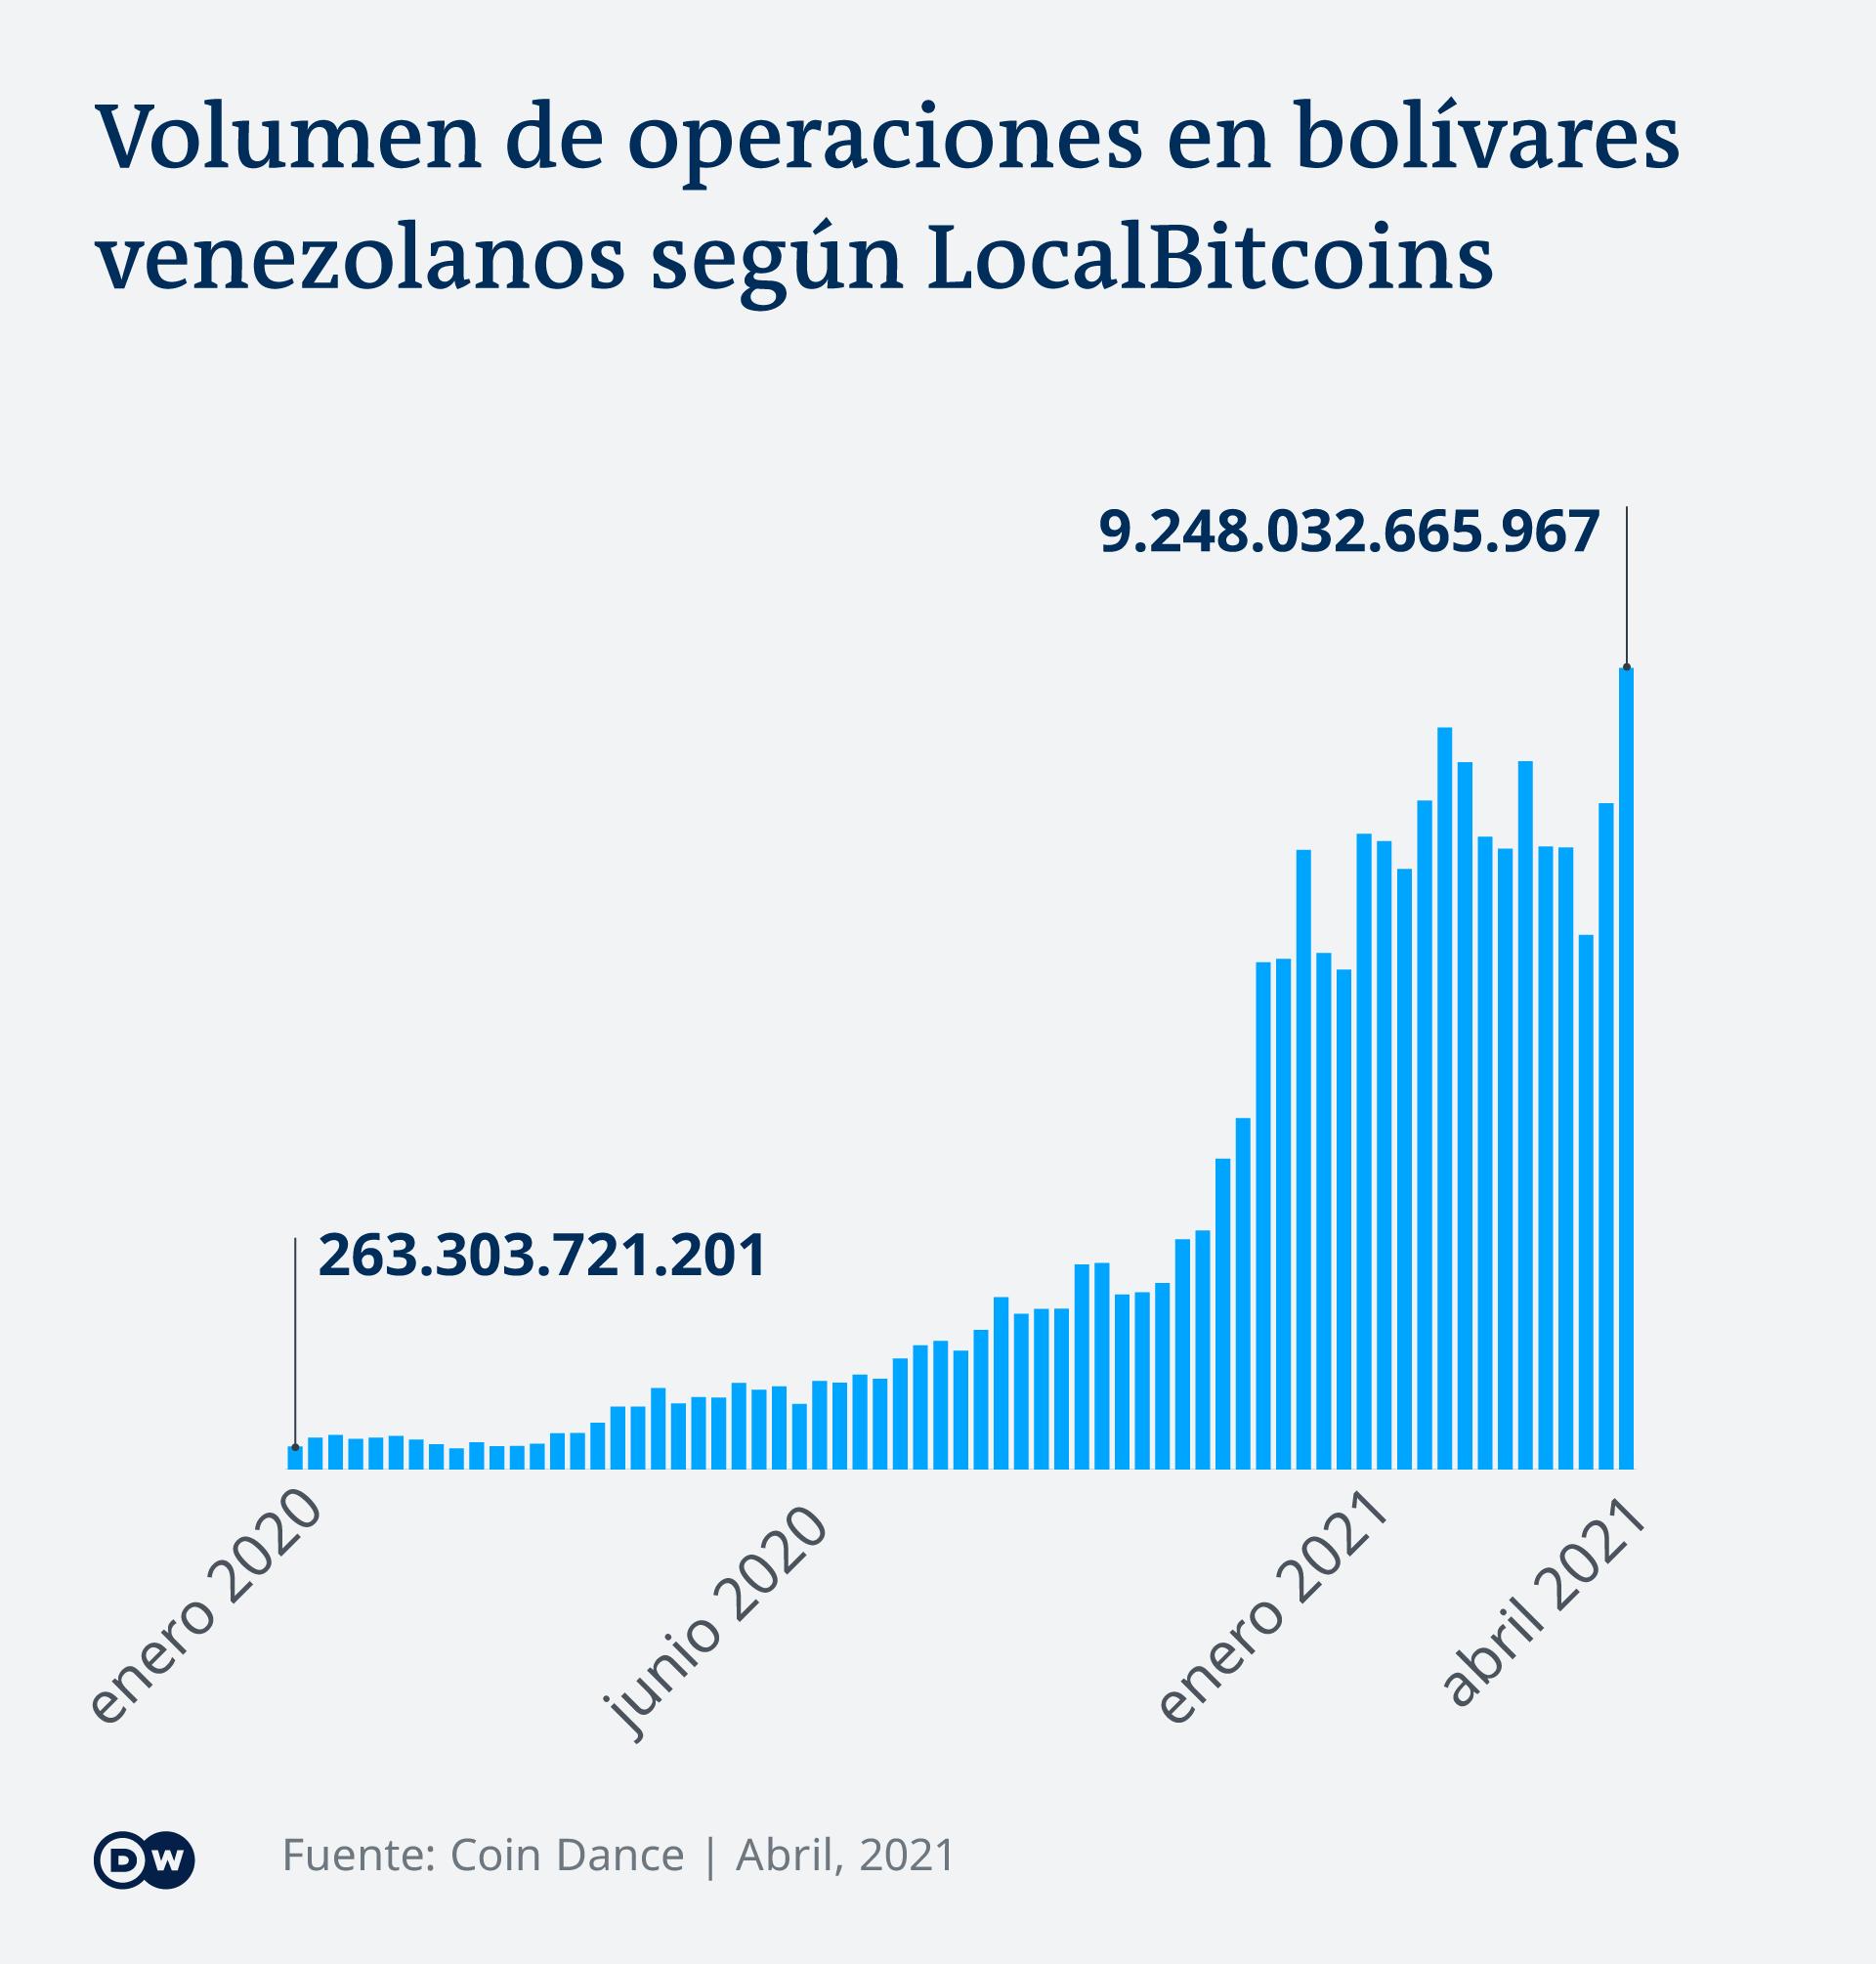 Gráfica sobre el volumen de operaciones en bolívares venezolanos según LocalBitcoins.